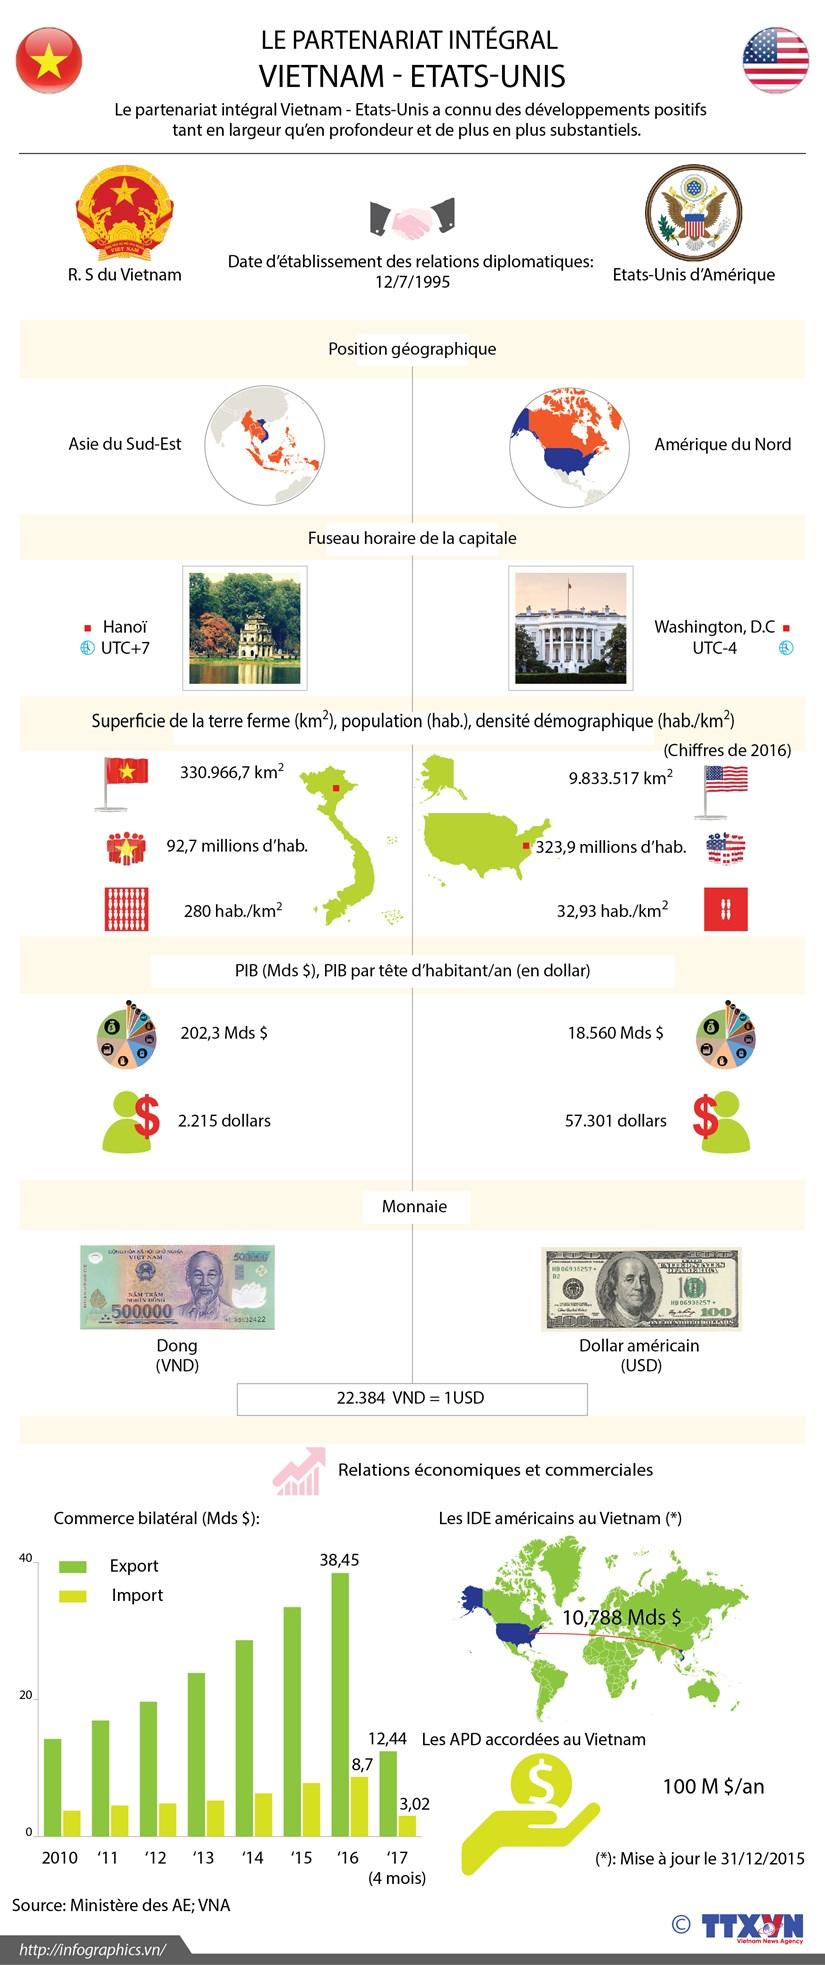 Le partenariat integral Vietnam - Etats-Unis en infographie hinh anh 1